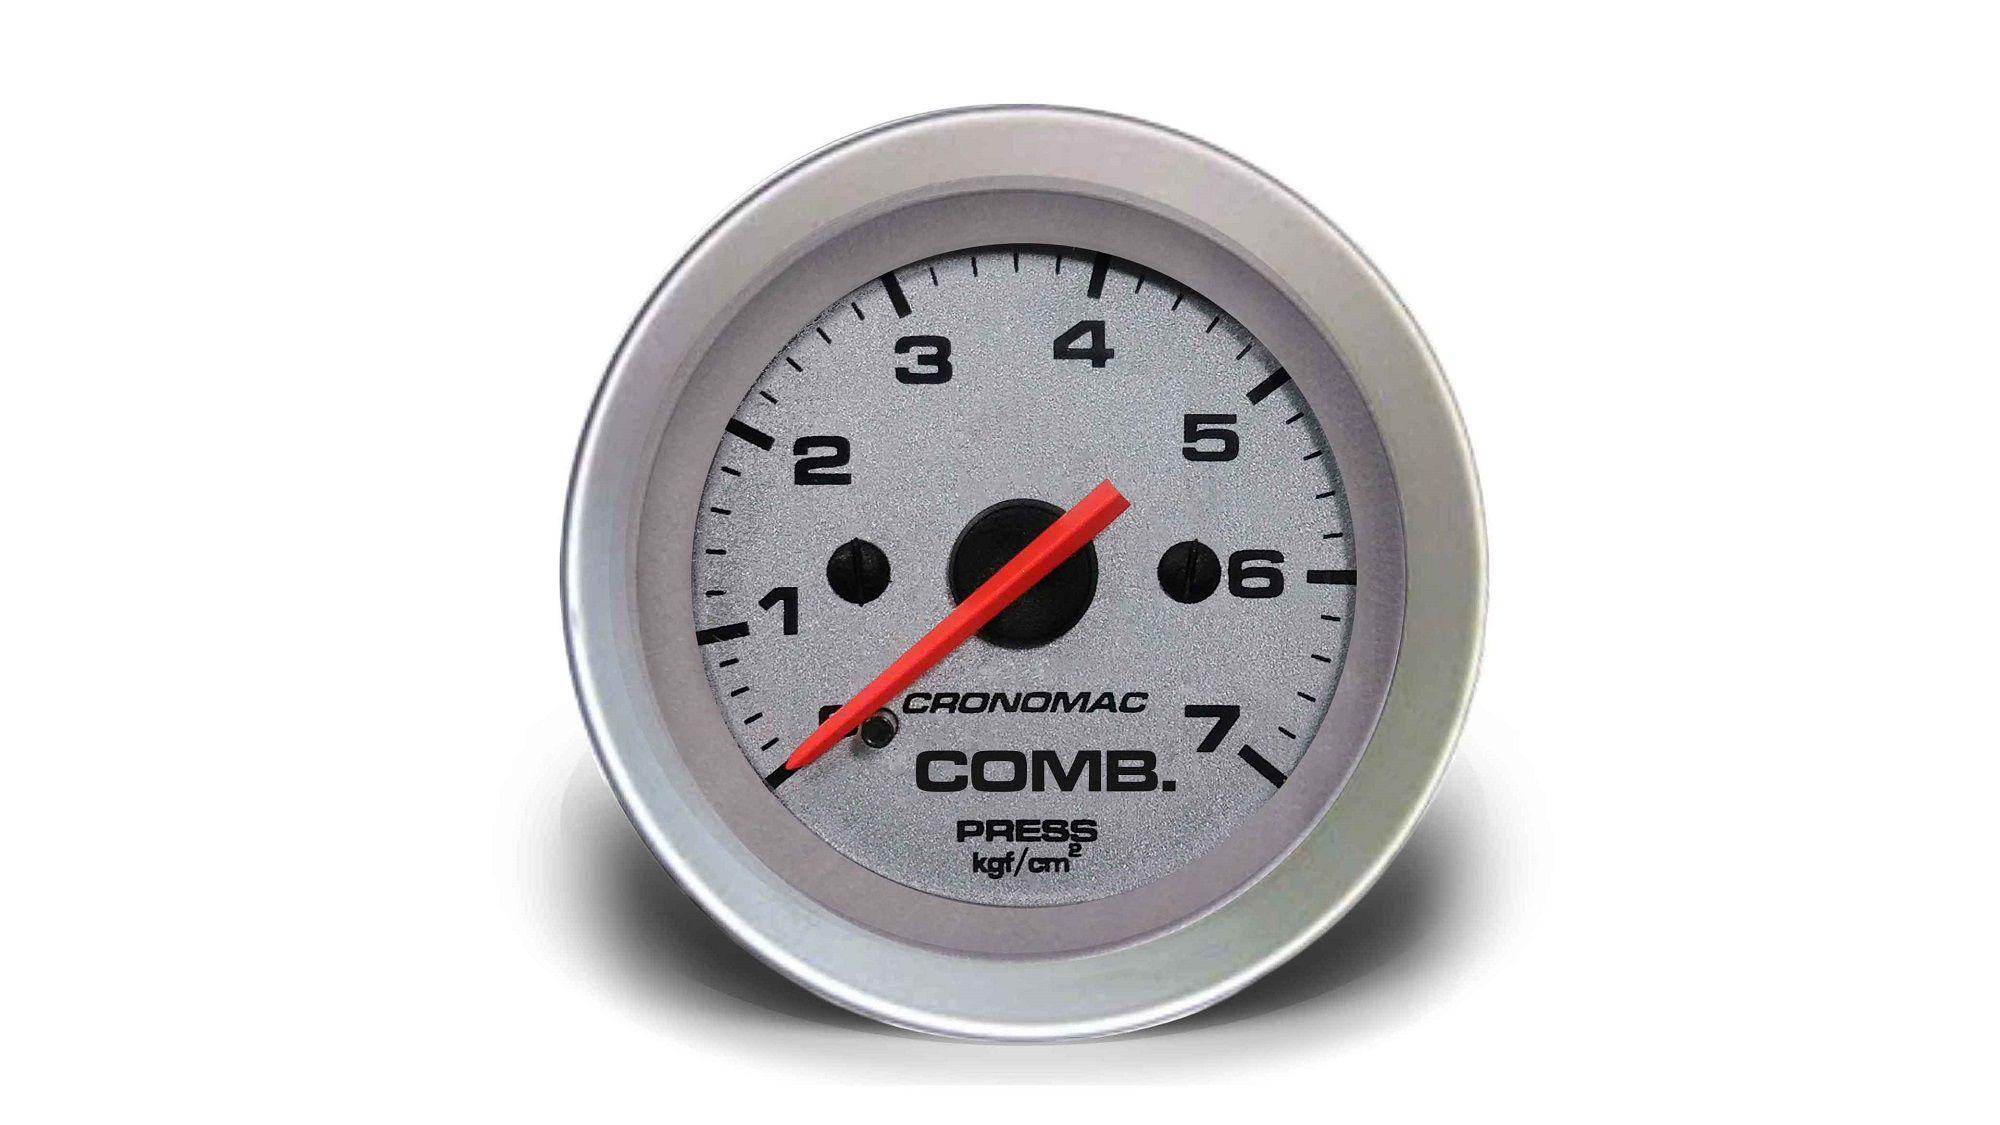 Relogio Pressao de Comb. 7kg Racing 52mm Cronomac